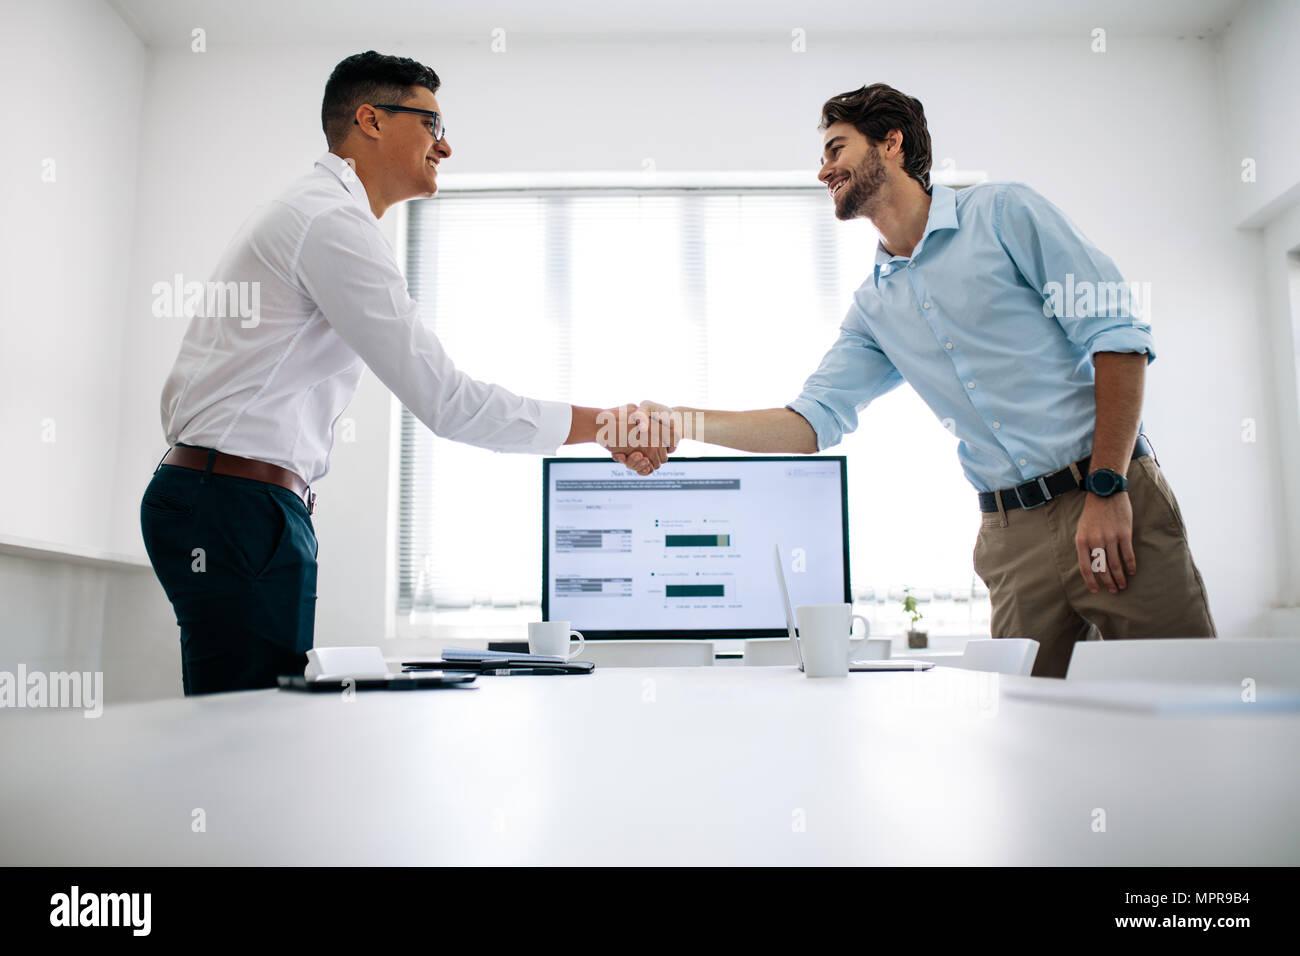 Business colleagues shaking hands dans la table de conférence. Message d'affaires heureux les uns les autres dans la salle de réunion. Photo Stock